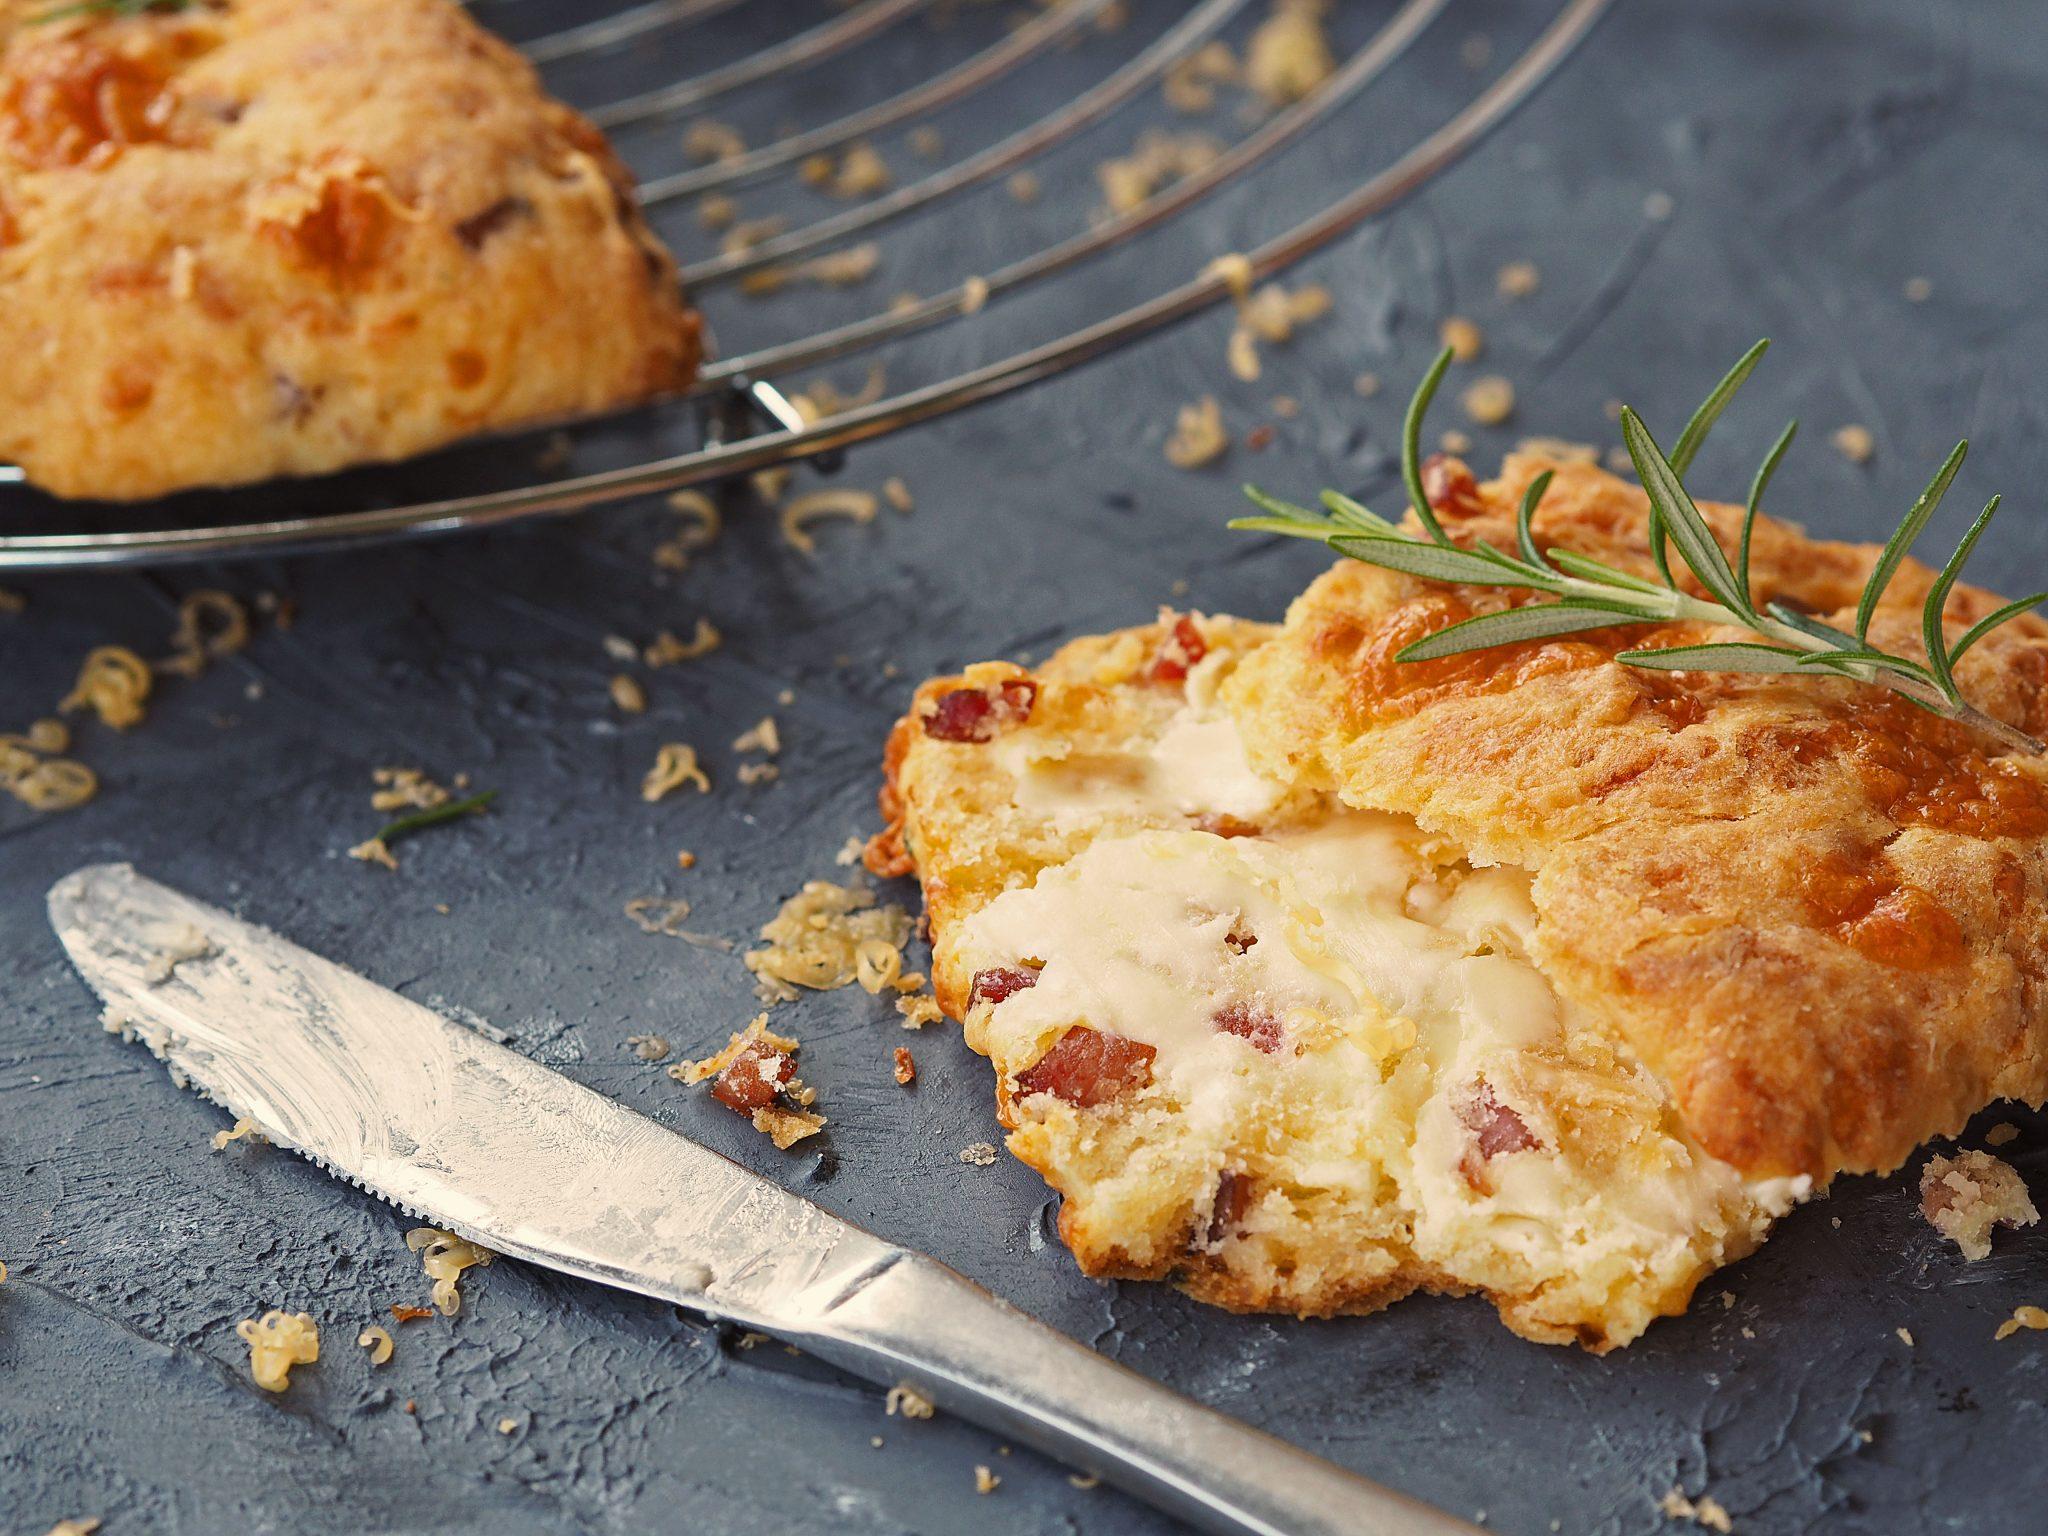 pikante Käse-Scones